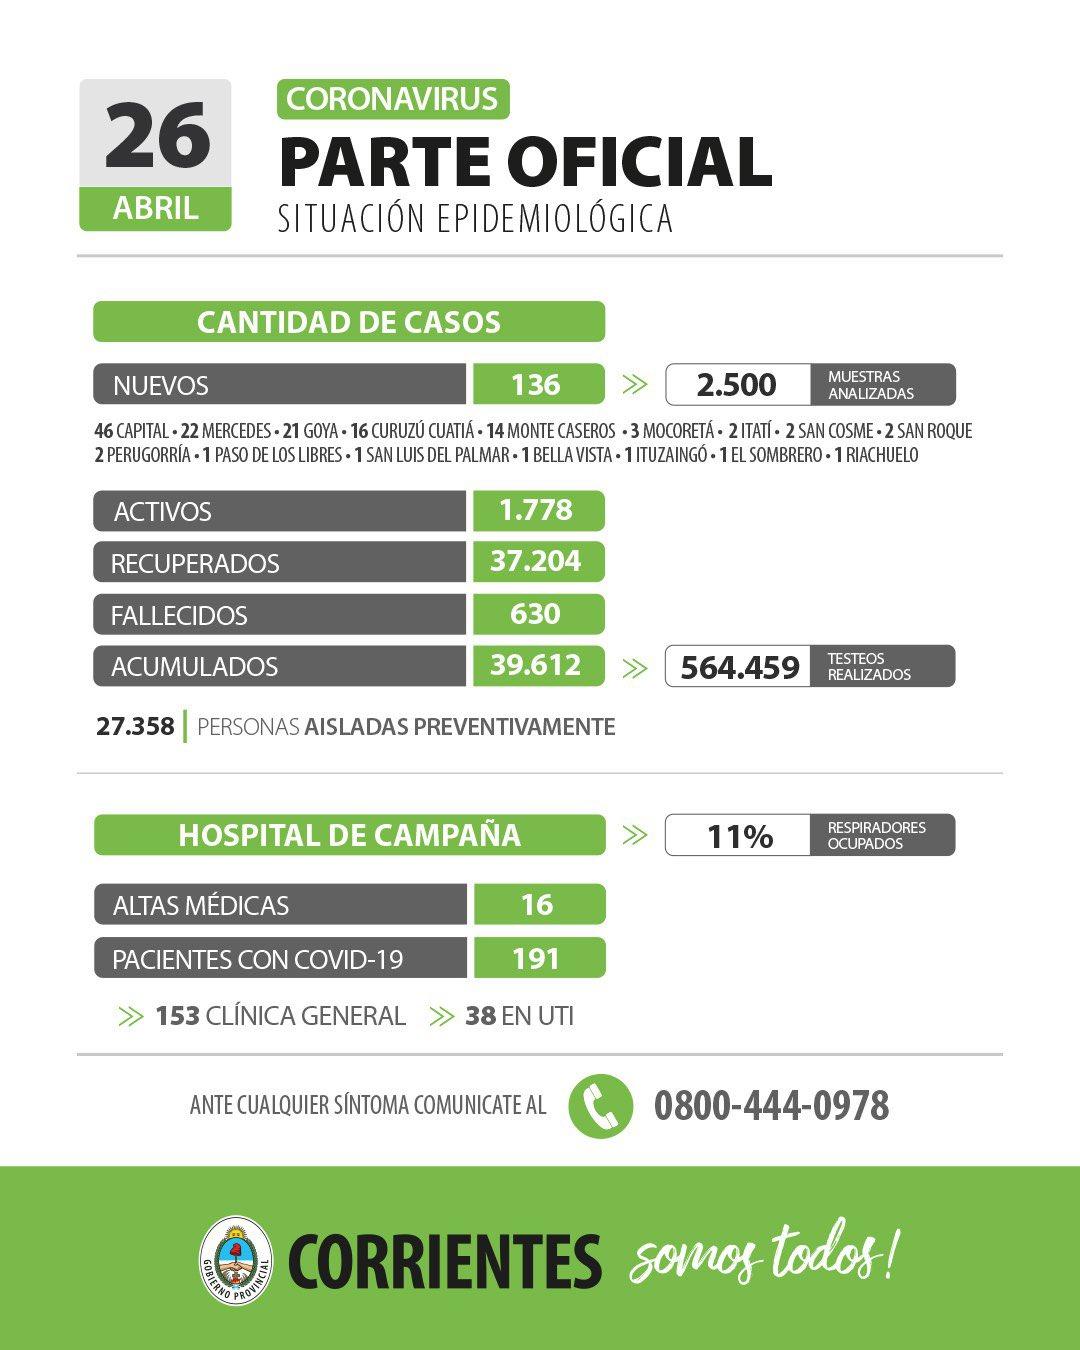 Corrientes registra 136 casos nuevos de Coronavirus: 46 en Capital y 90 en el Interior